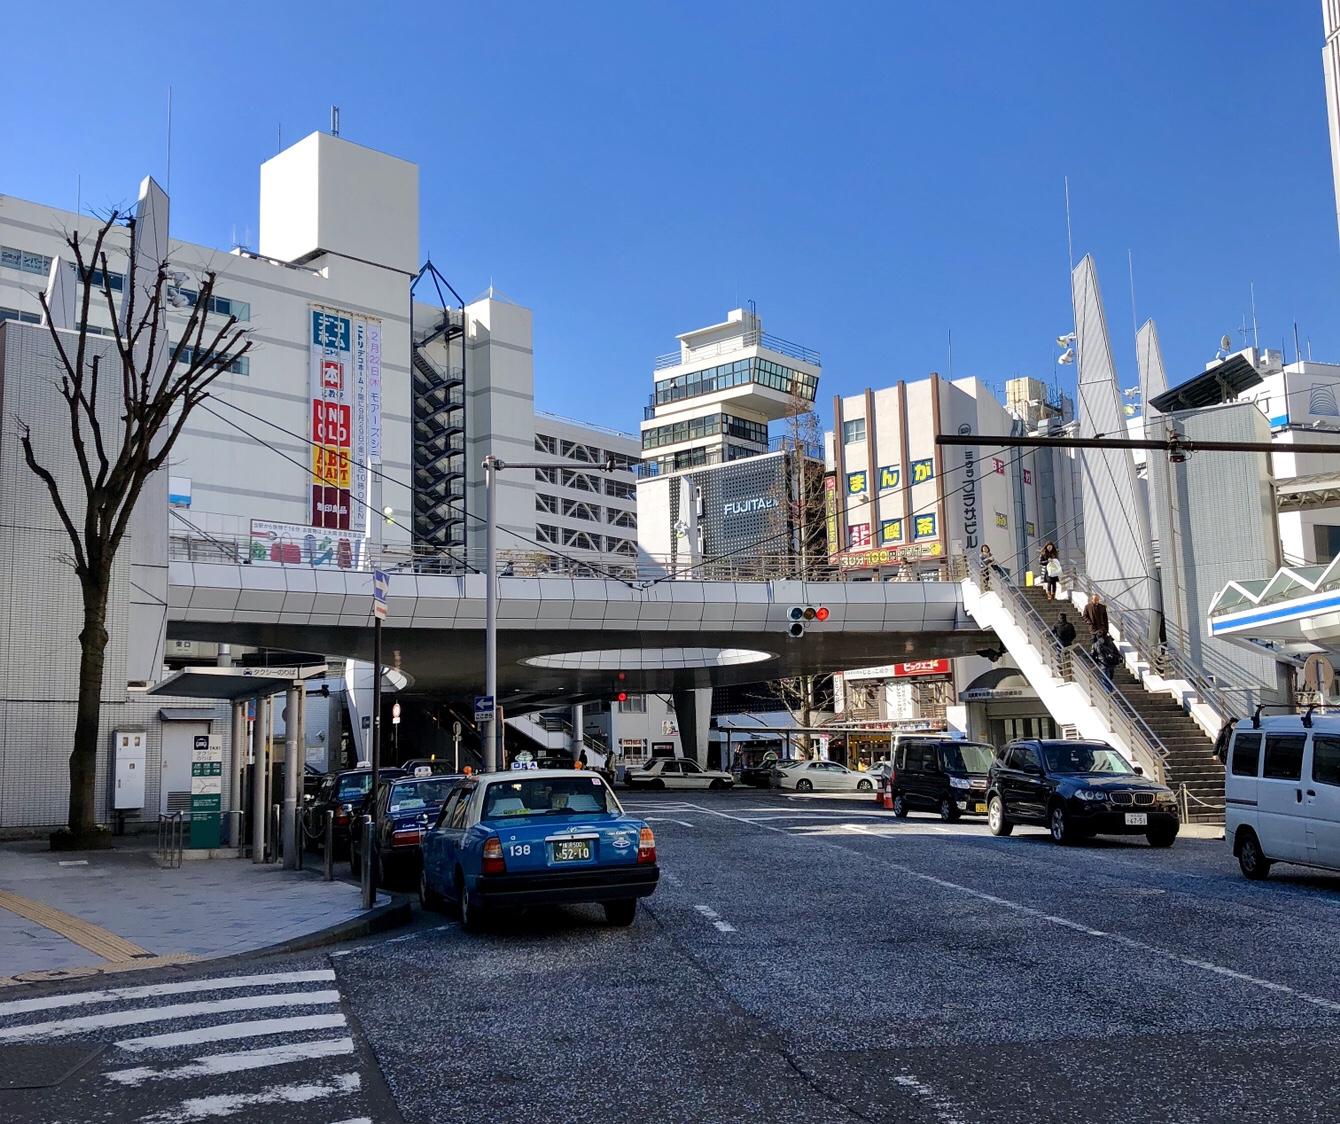 Fußgängerbrücke in Japan, im Bild Yokosuka